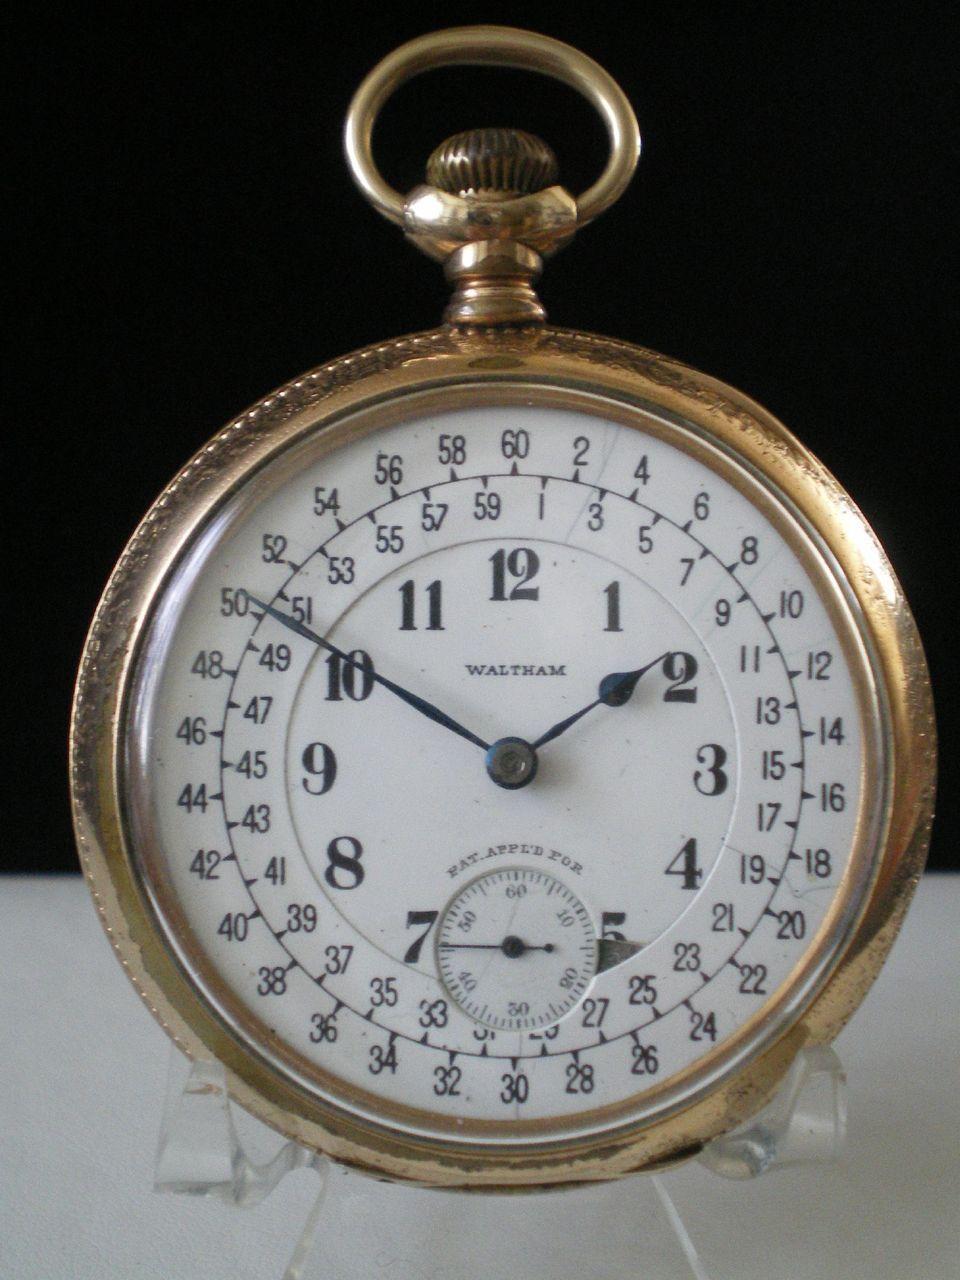 ca3d05f1491 Waltham 23 Jewel Vanguard Railroad Pocket Watch Rare Special Montgomery  Dial Relogio De Bolso Antigo